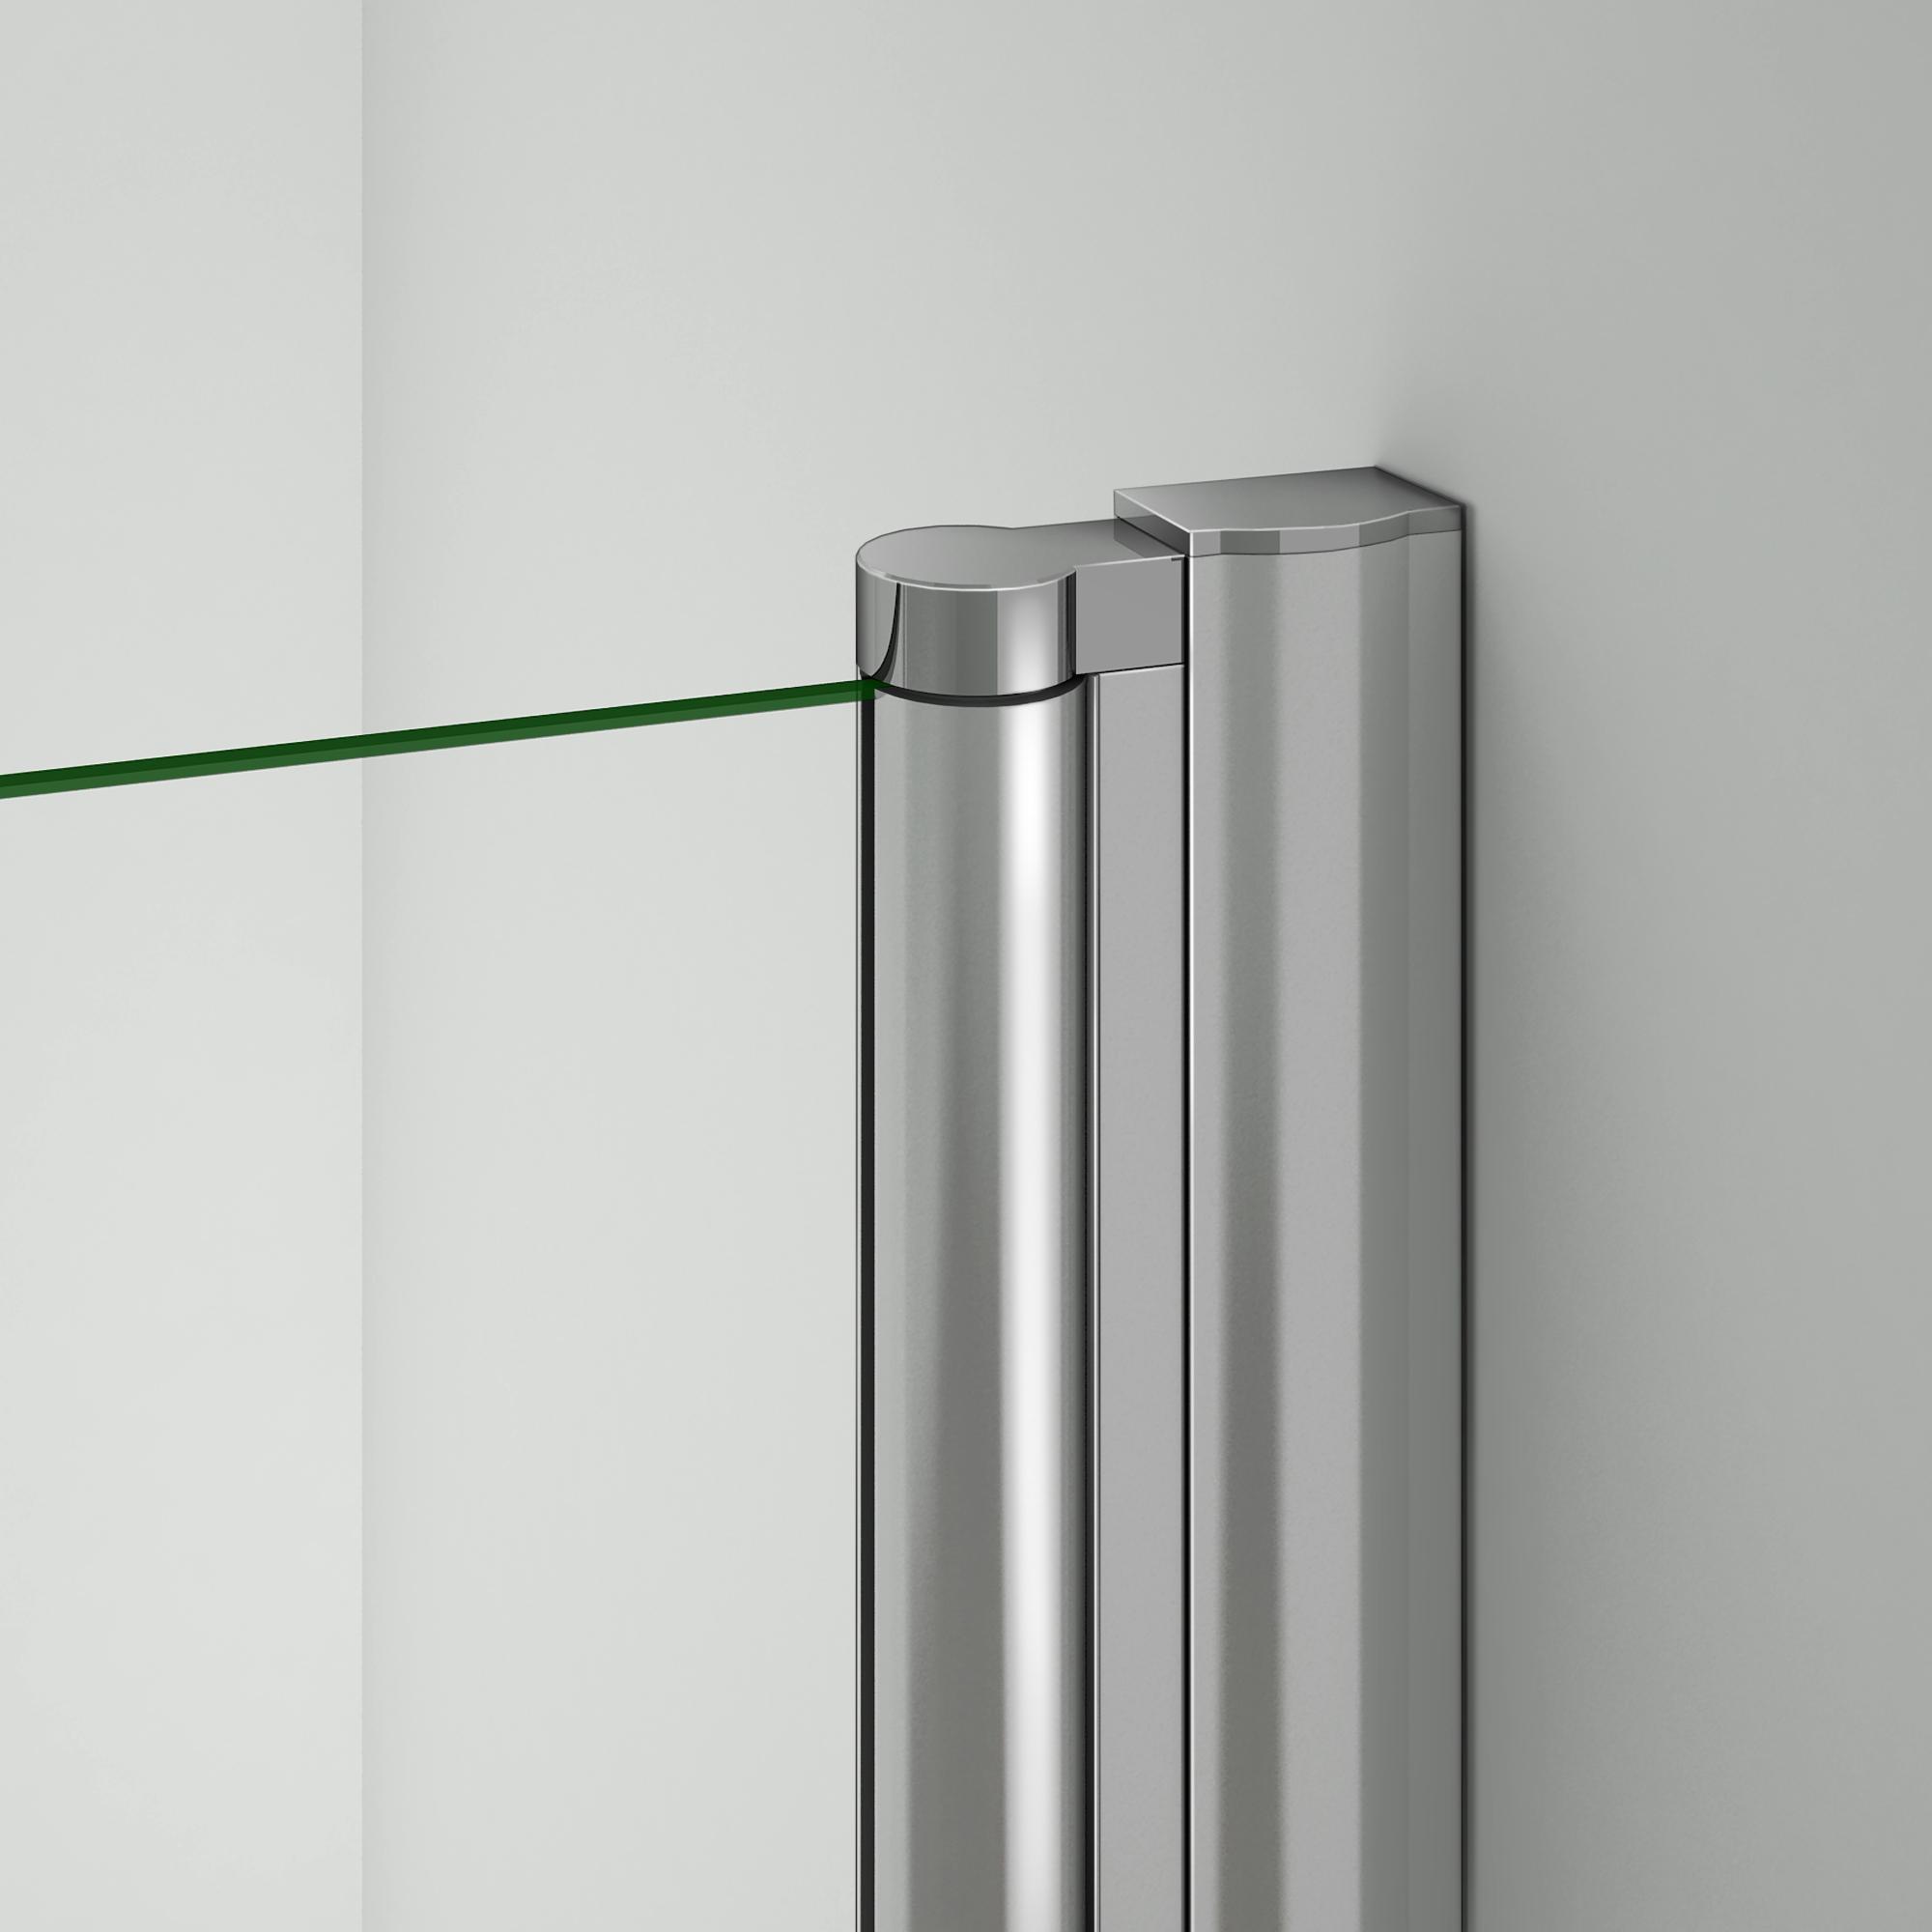 76x195cm cabine de douche acc s d 39 angle porte de douche for Mecanisme porte pivotante